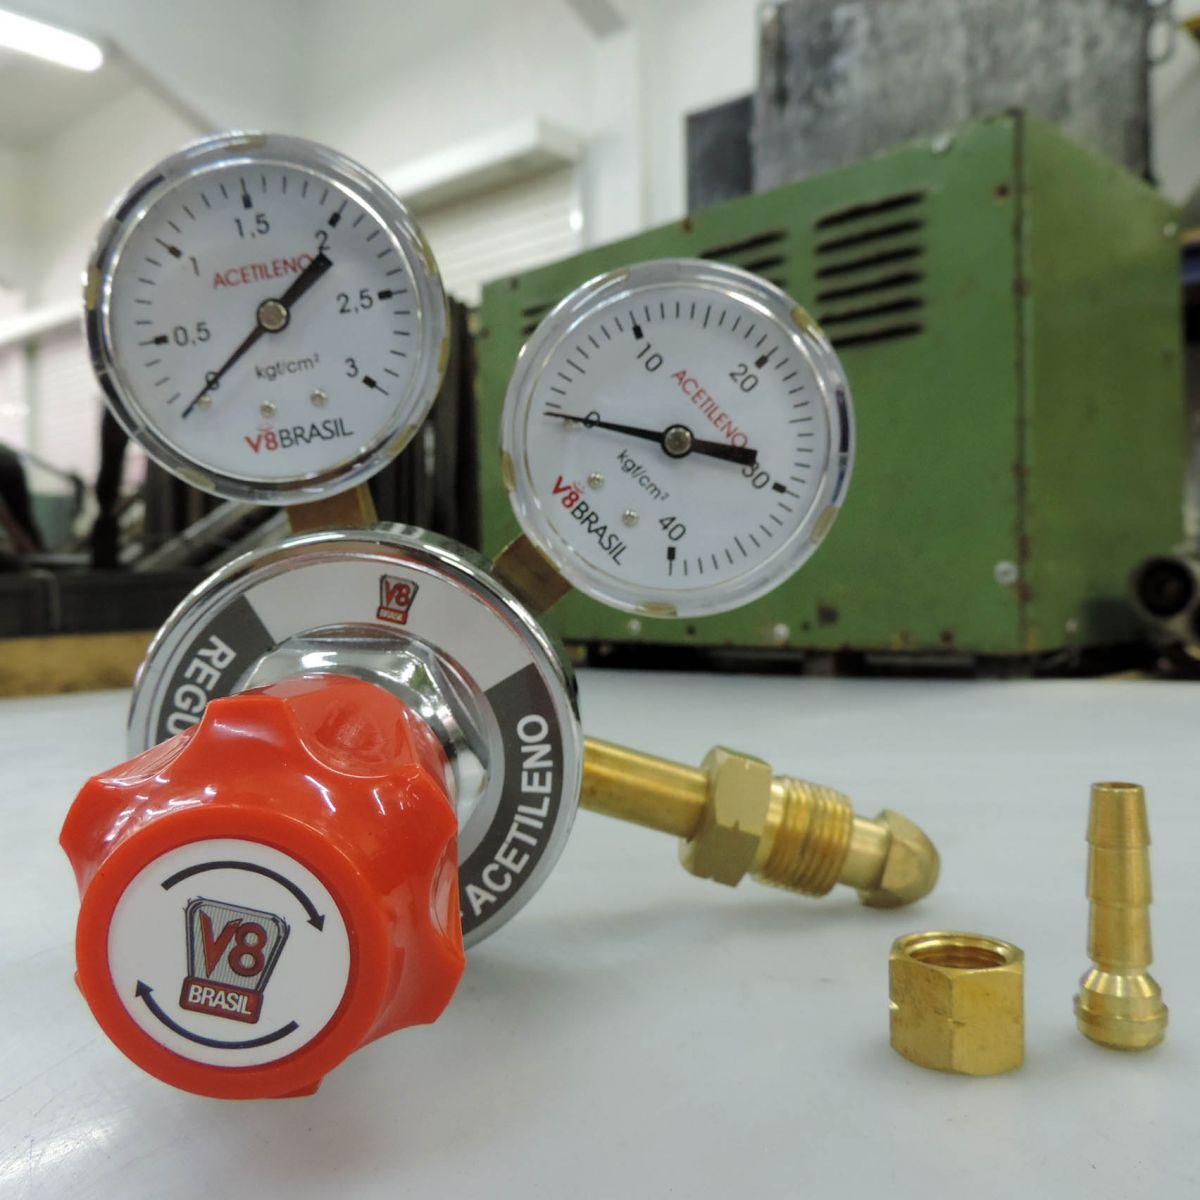 Regulador De Pressão Para Gás Acetileno Ac-10 V8 Brasil